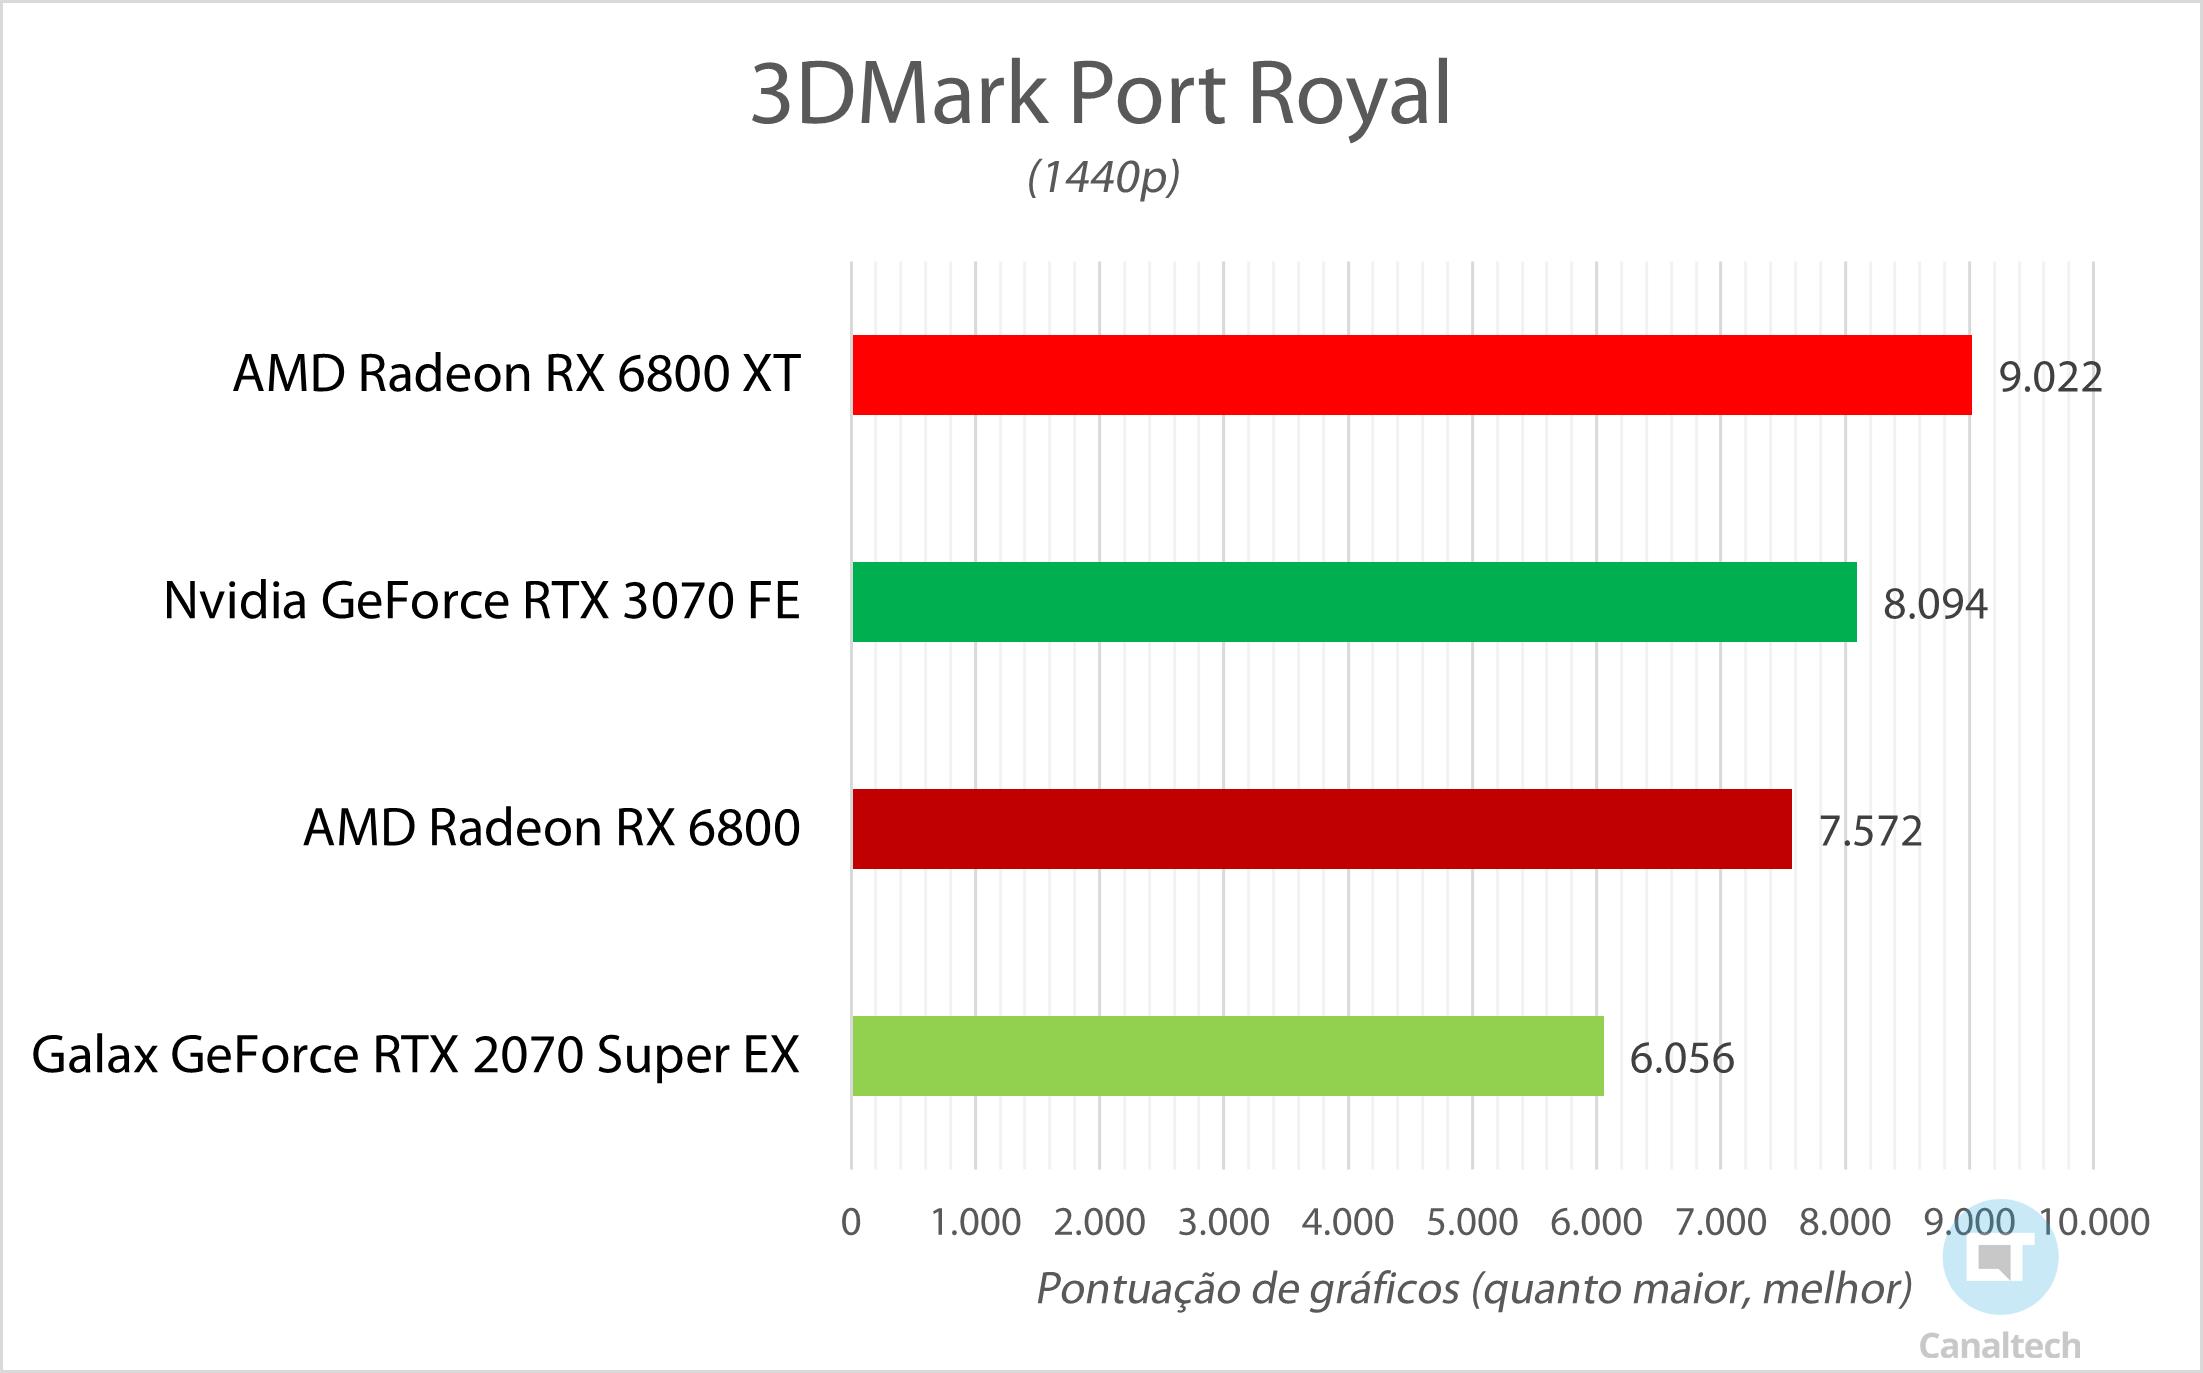 Port Royal mede a capacidade da placa de vídeo de lidar com cálculos de ray tracing; quanto maior a pontuação, melhor